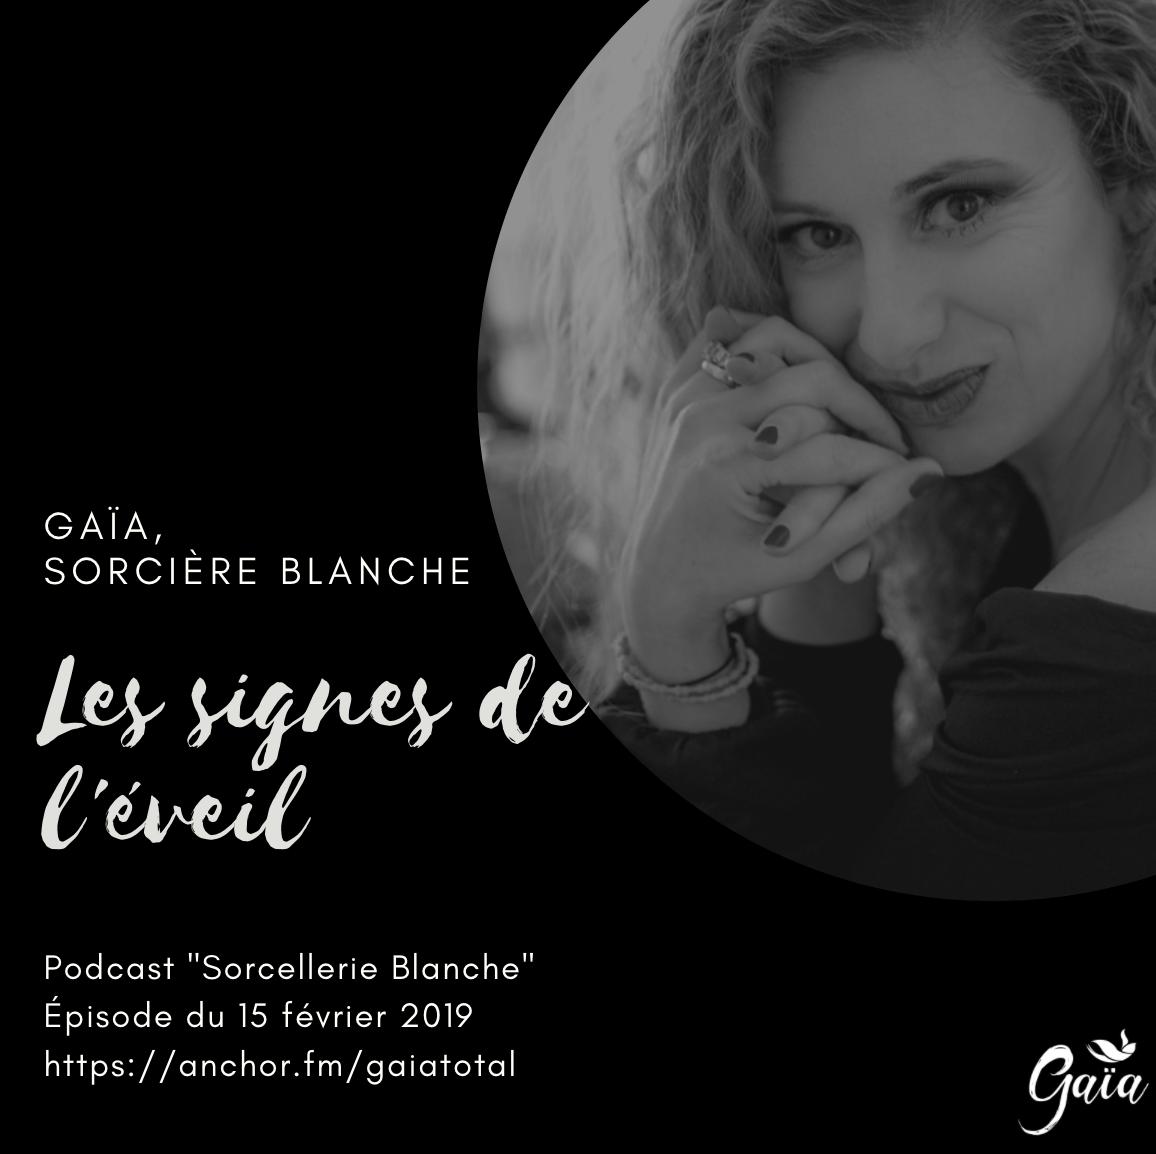 gaia_total_entrepreneure_spirituelle_podcast_sorcellerie_blanche_signe_éveil